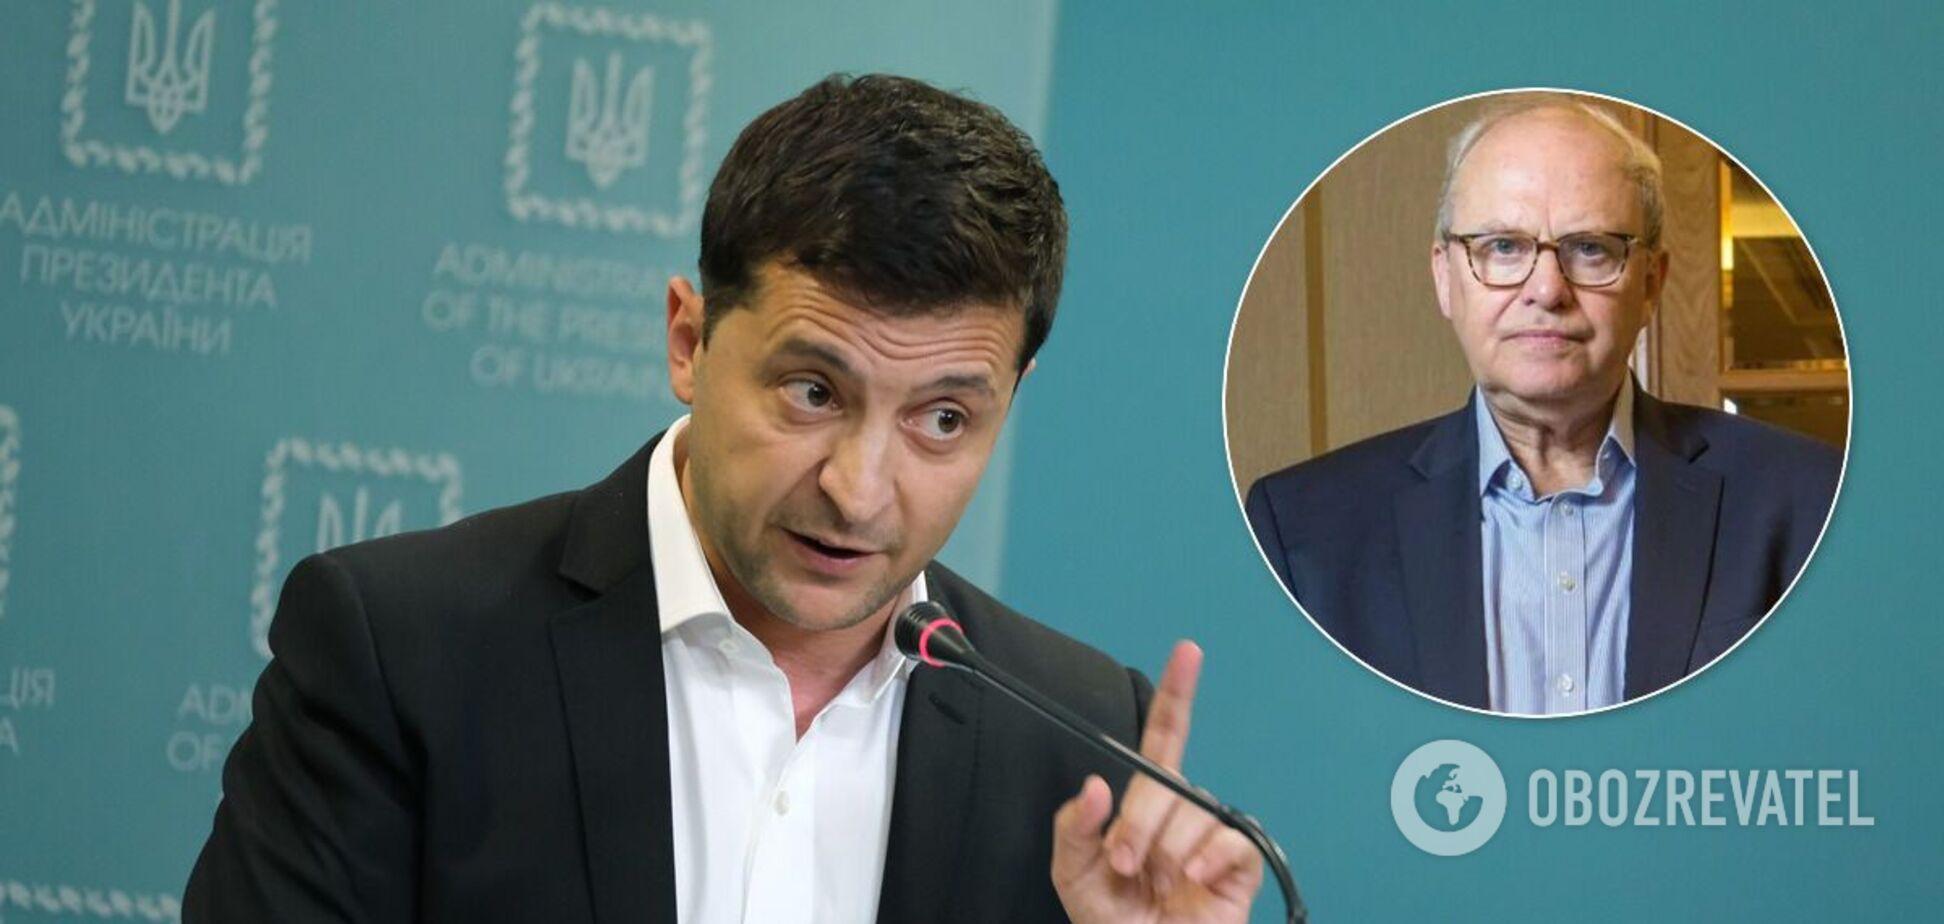 Аслунд увольняется из-за конфликта с Зеленским: все подробности громкого скандала вокруг 'Укрзалізниці'